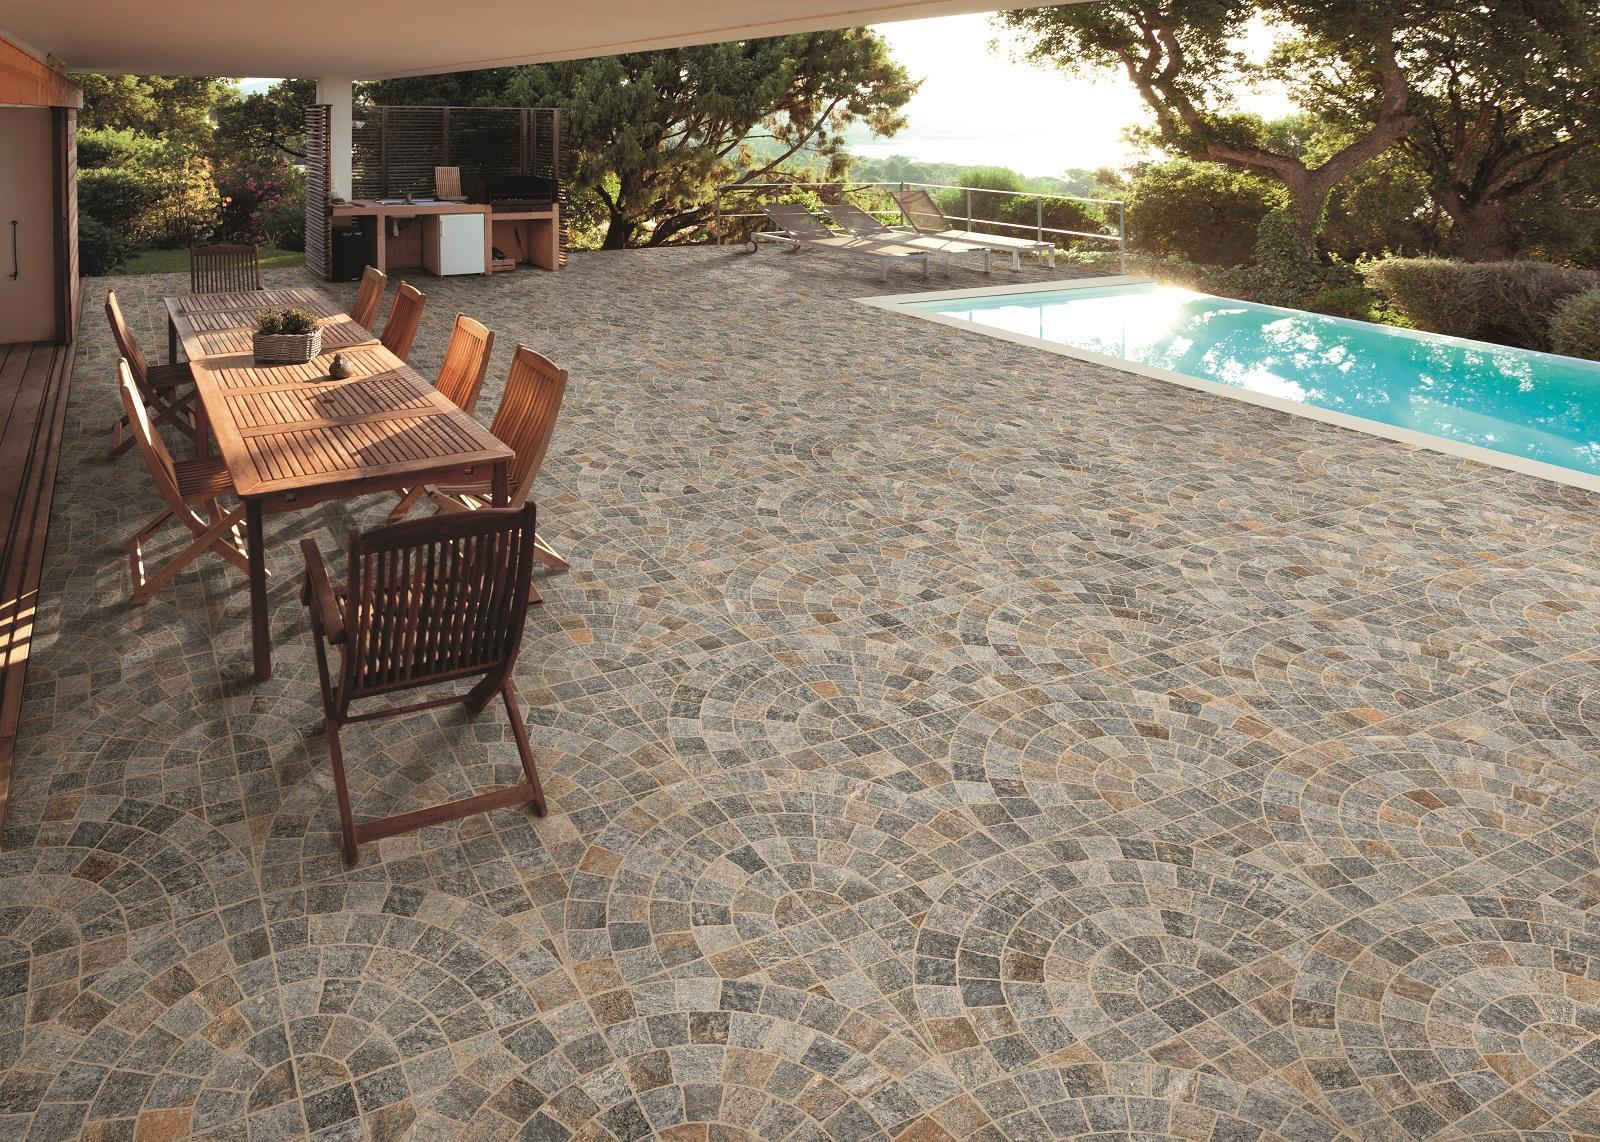 Posa Pavimento A Secco Giardino piastrelle per esterni. in gres e non solo. materiali e foto